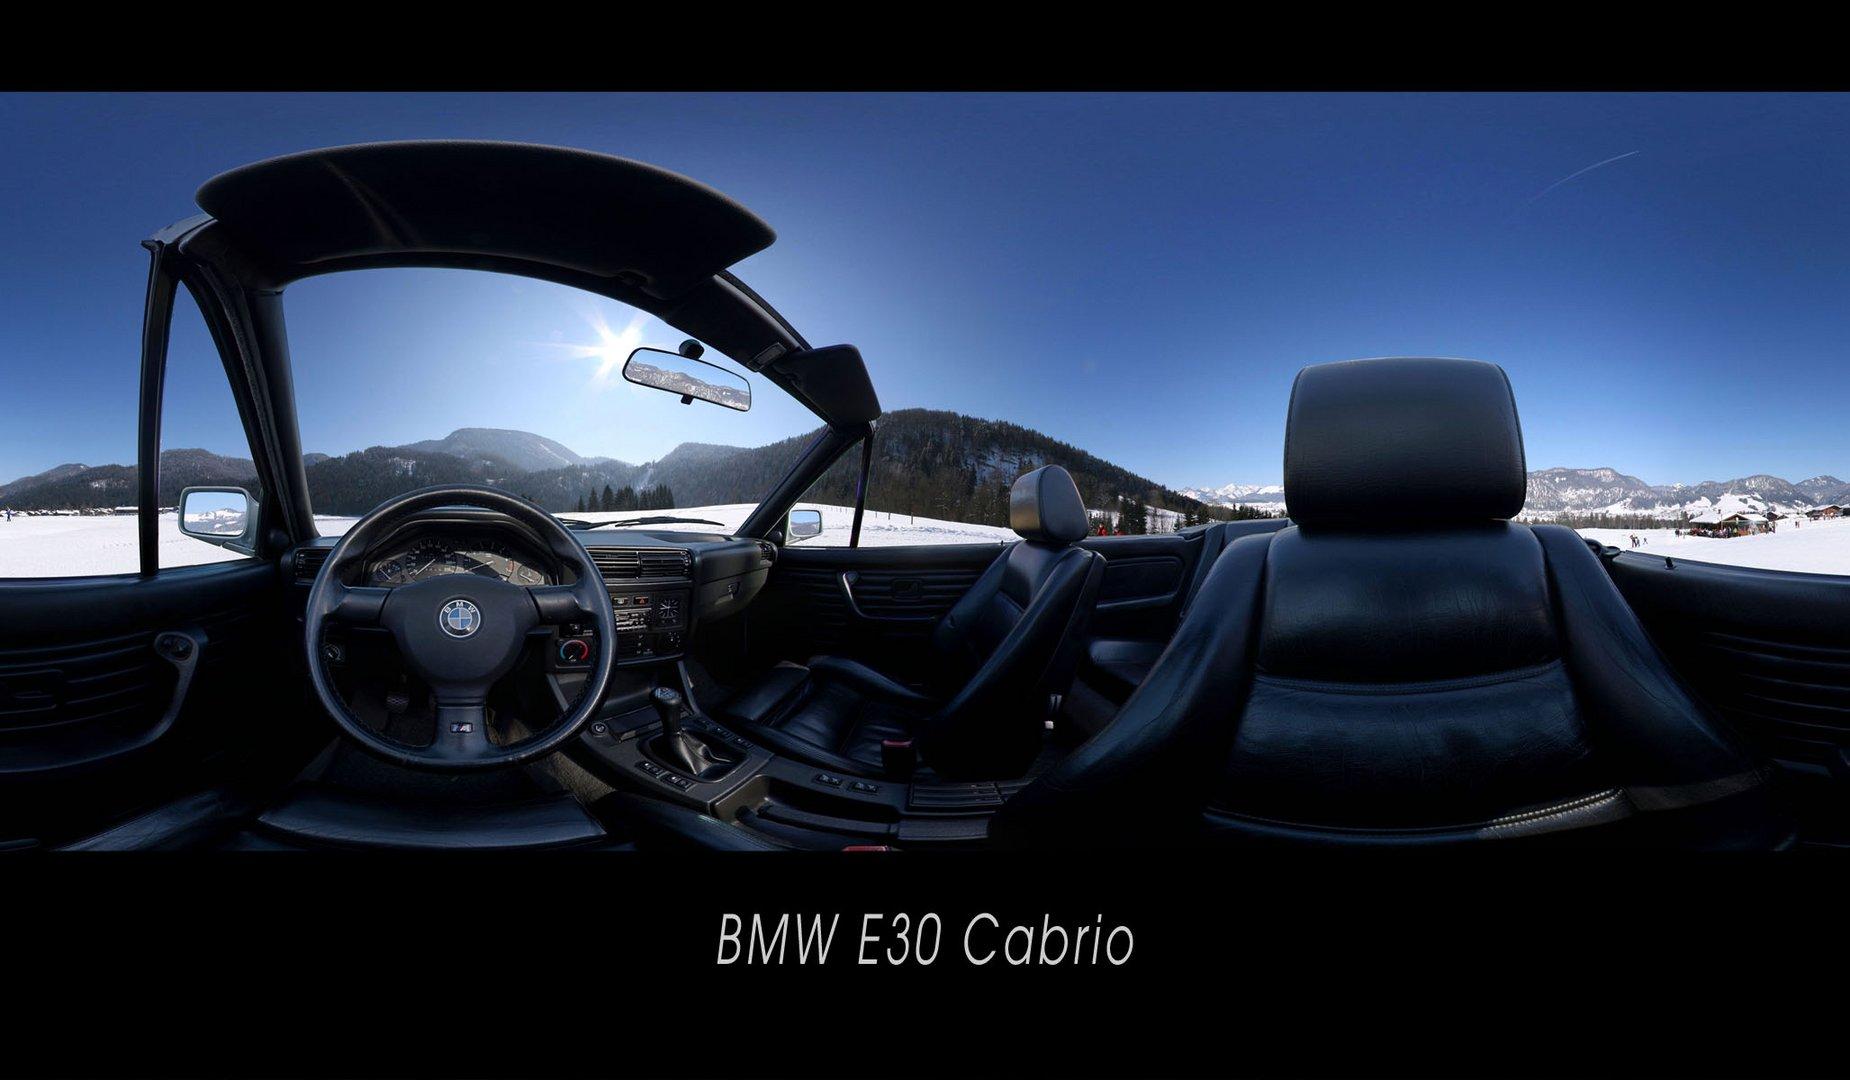 BWM E30 Cabrio